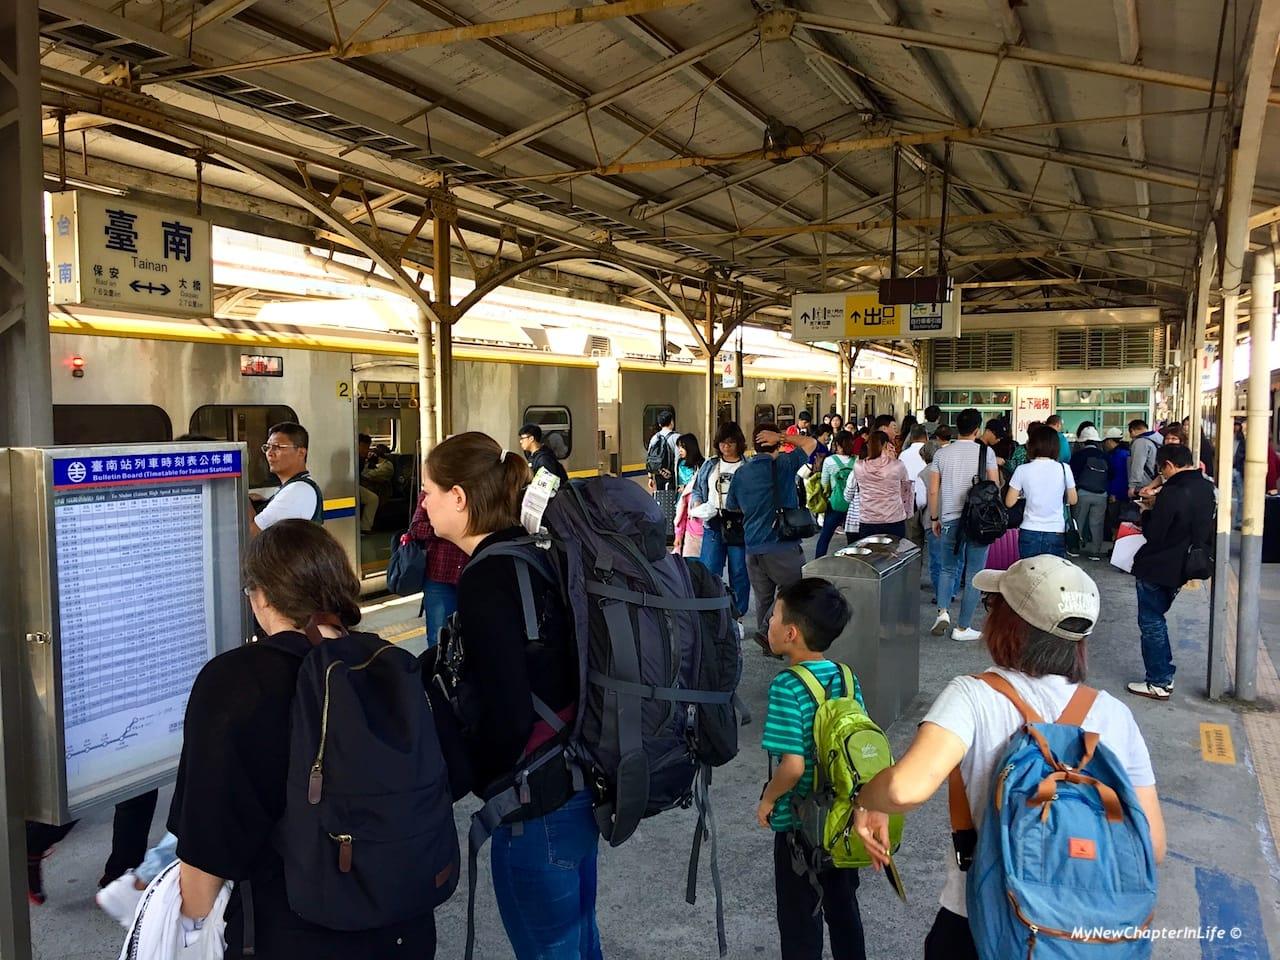 終於到達台南市車站 We finally arrived at the Tainan Station